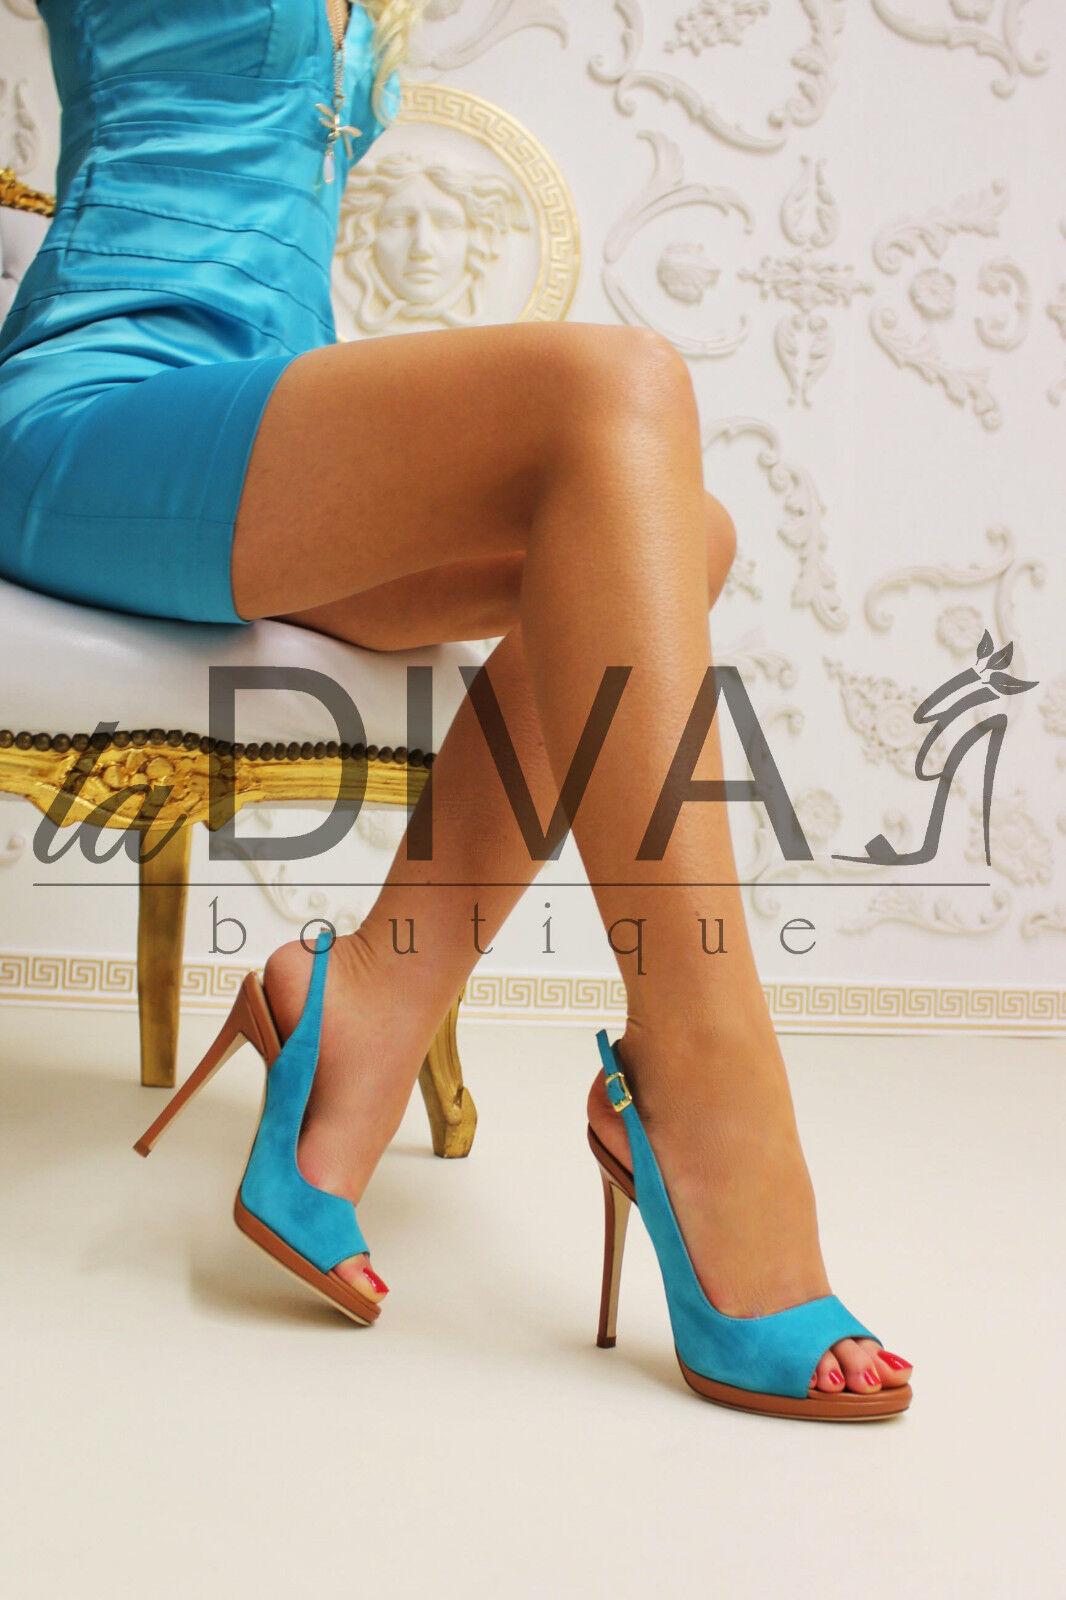 MICHELE SOZIO ~ Italy Wildleder Pumps Peep Peep Peep Toe 38 türkis blau cognac Leder Heels 14d0a8